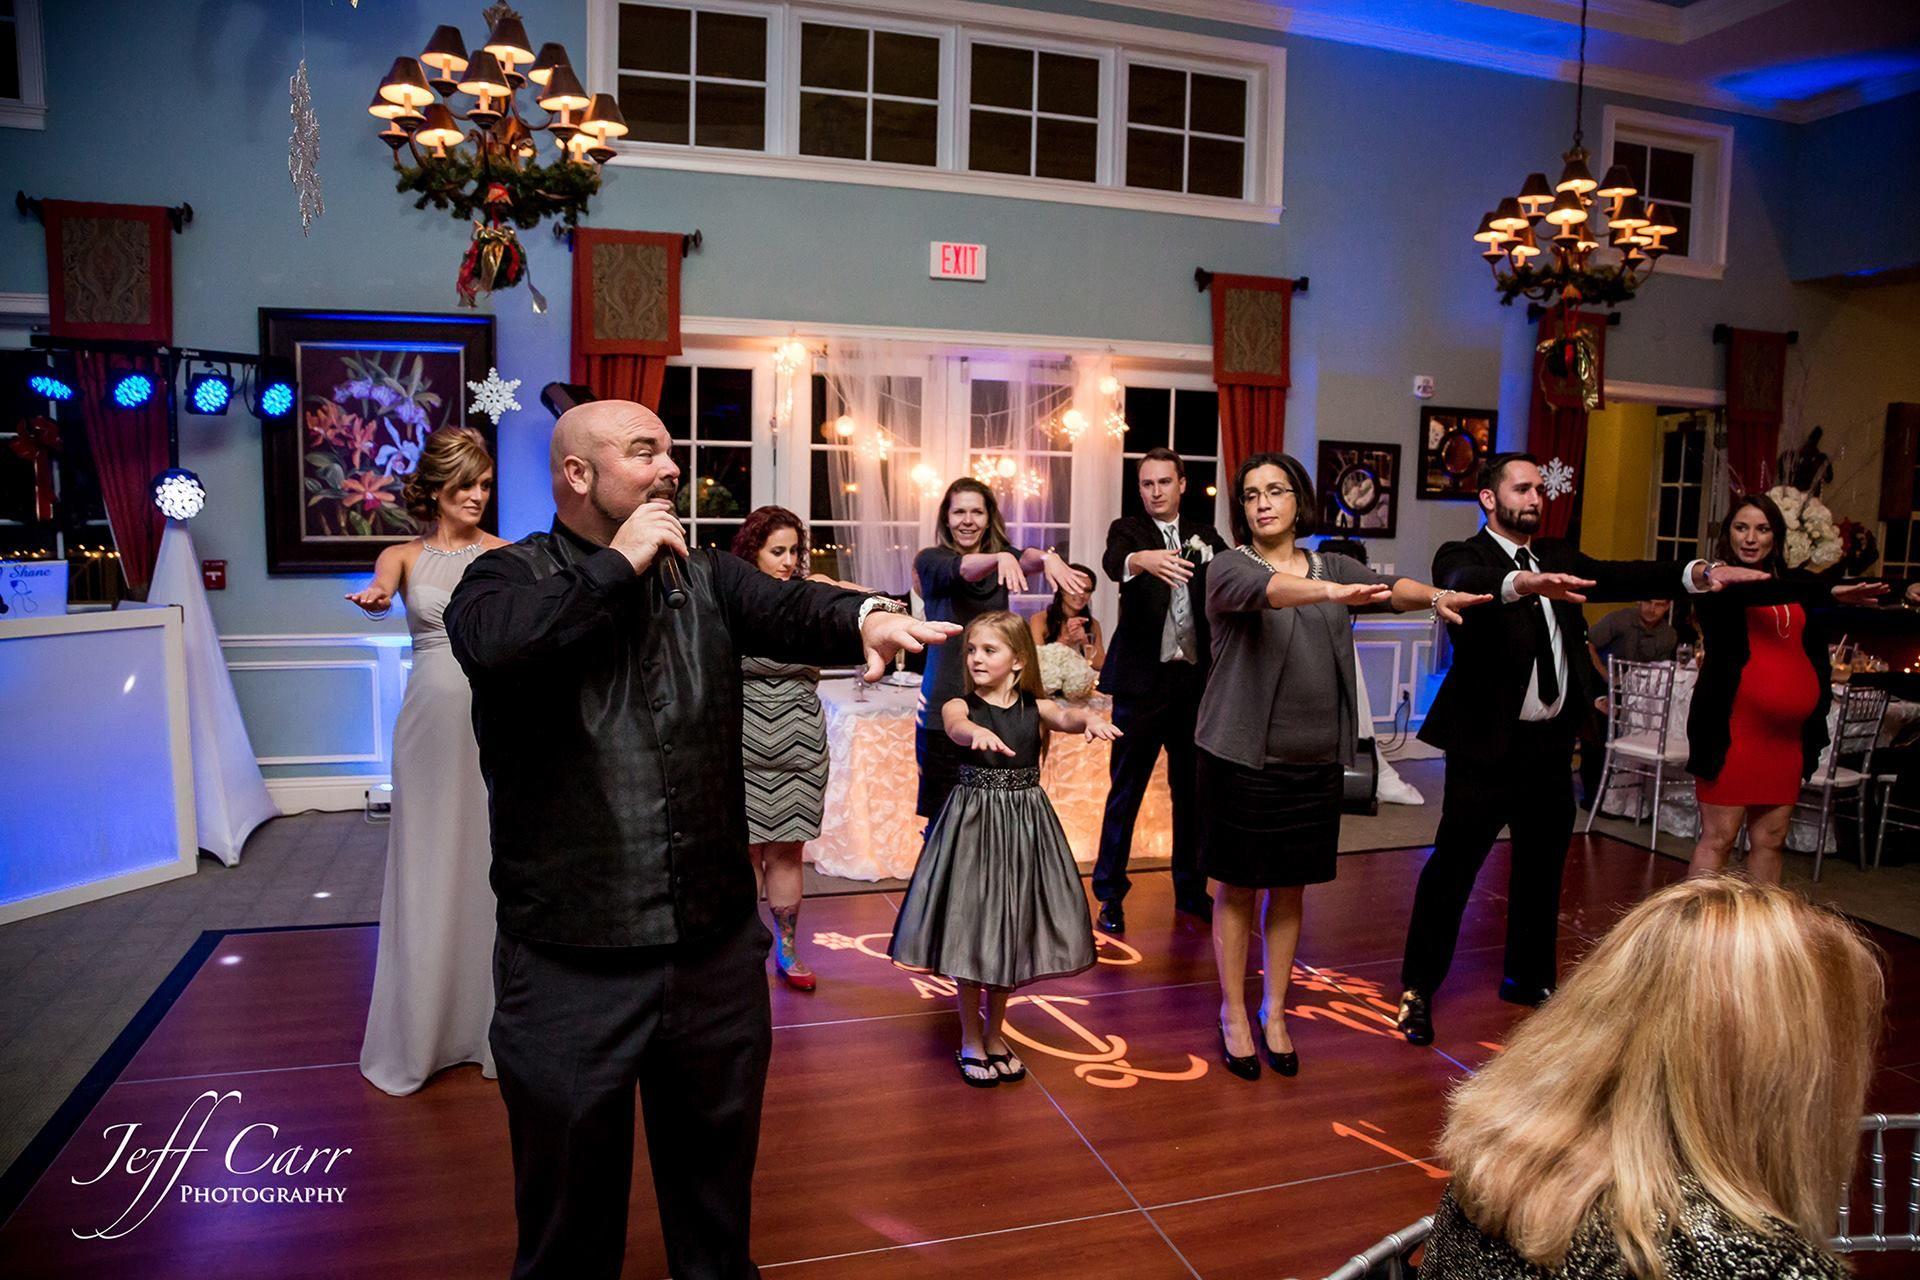 Photography By Jeff Carr Photography Wedding Weddings Weddingdj Weddingentertainment Floridaweddingentertaniment Floridaweddingdj Or Wedding Dj Djs Dj